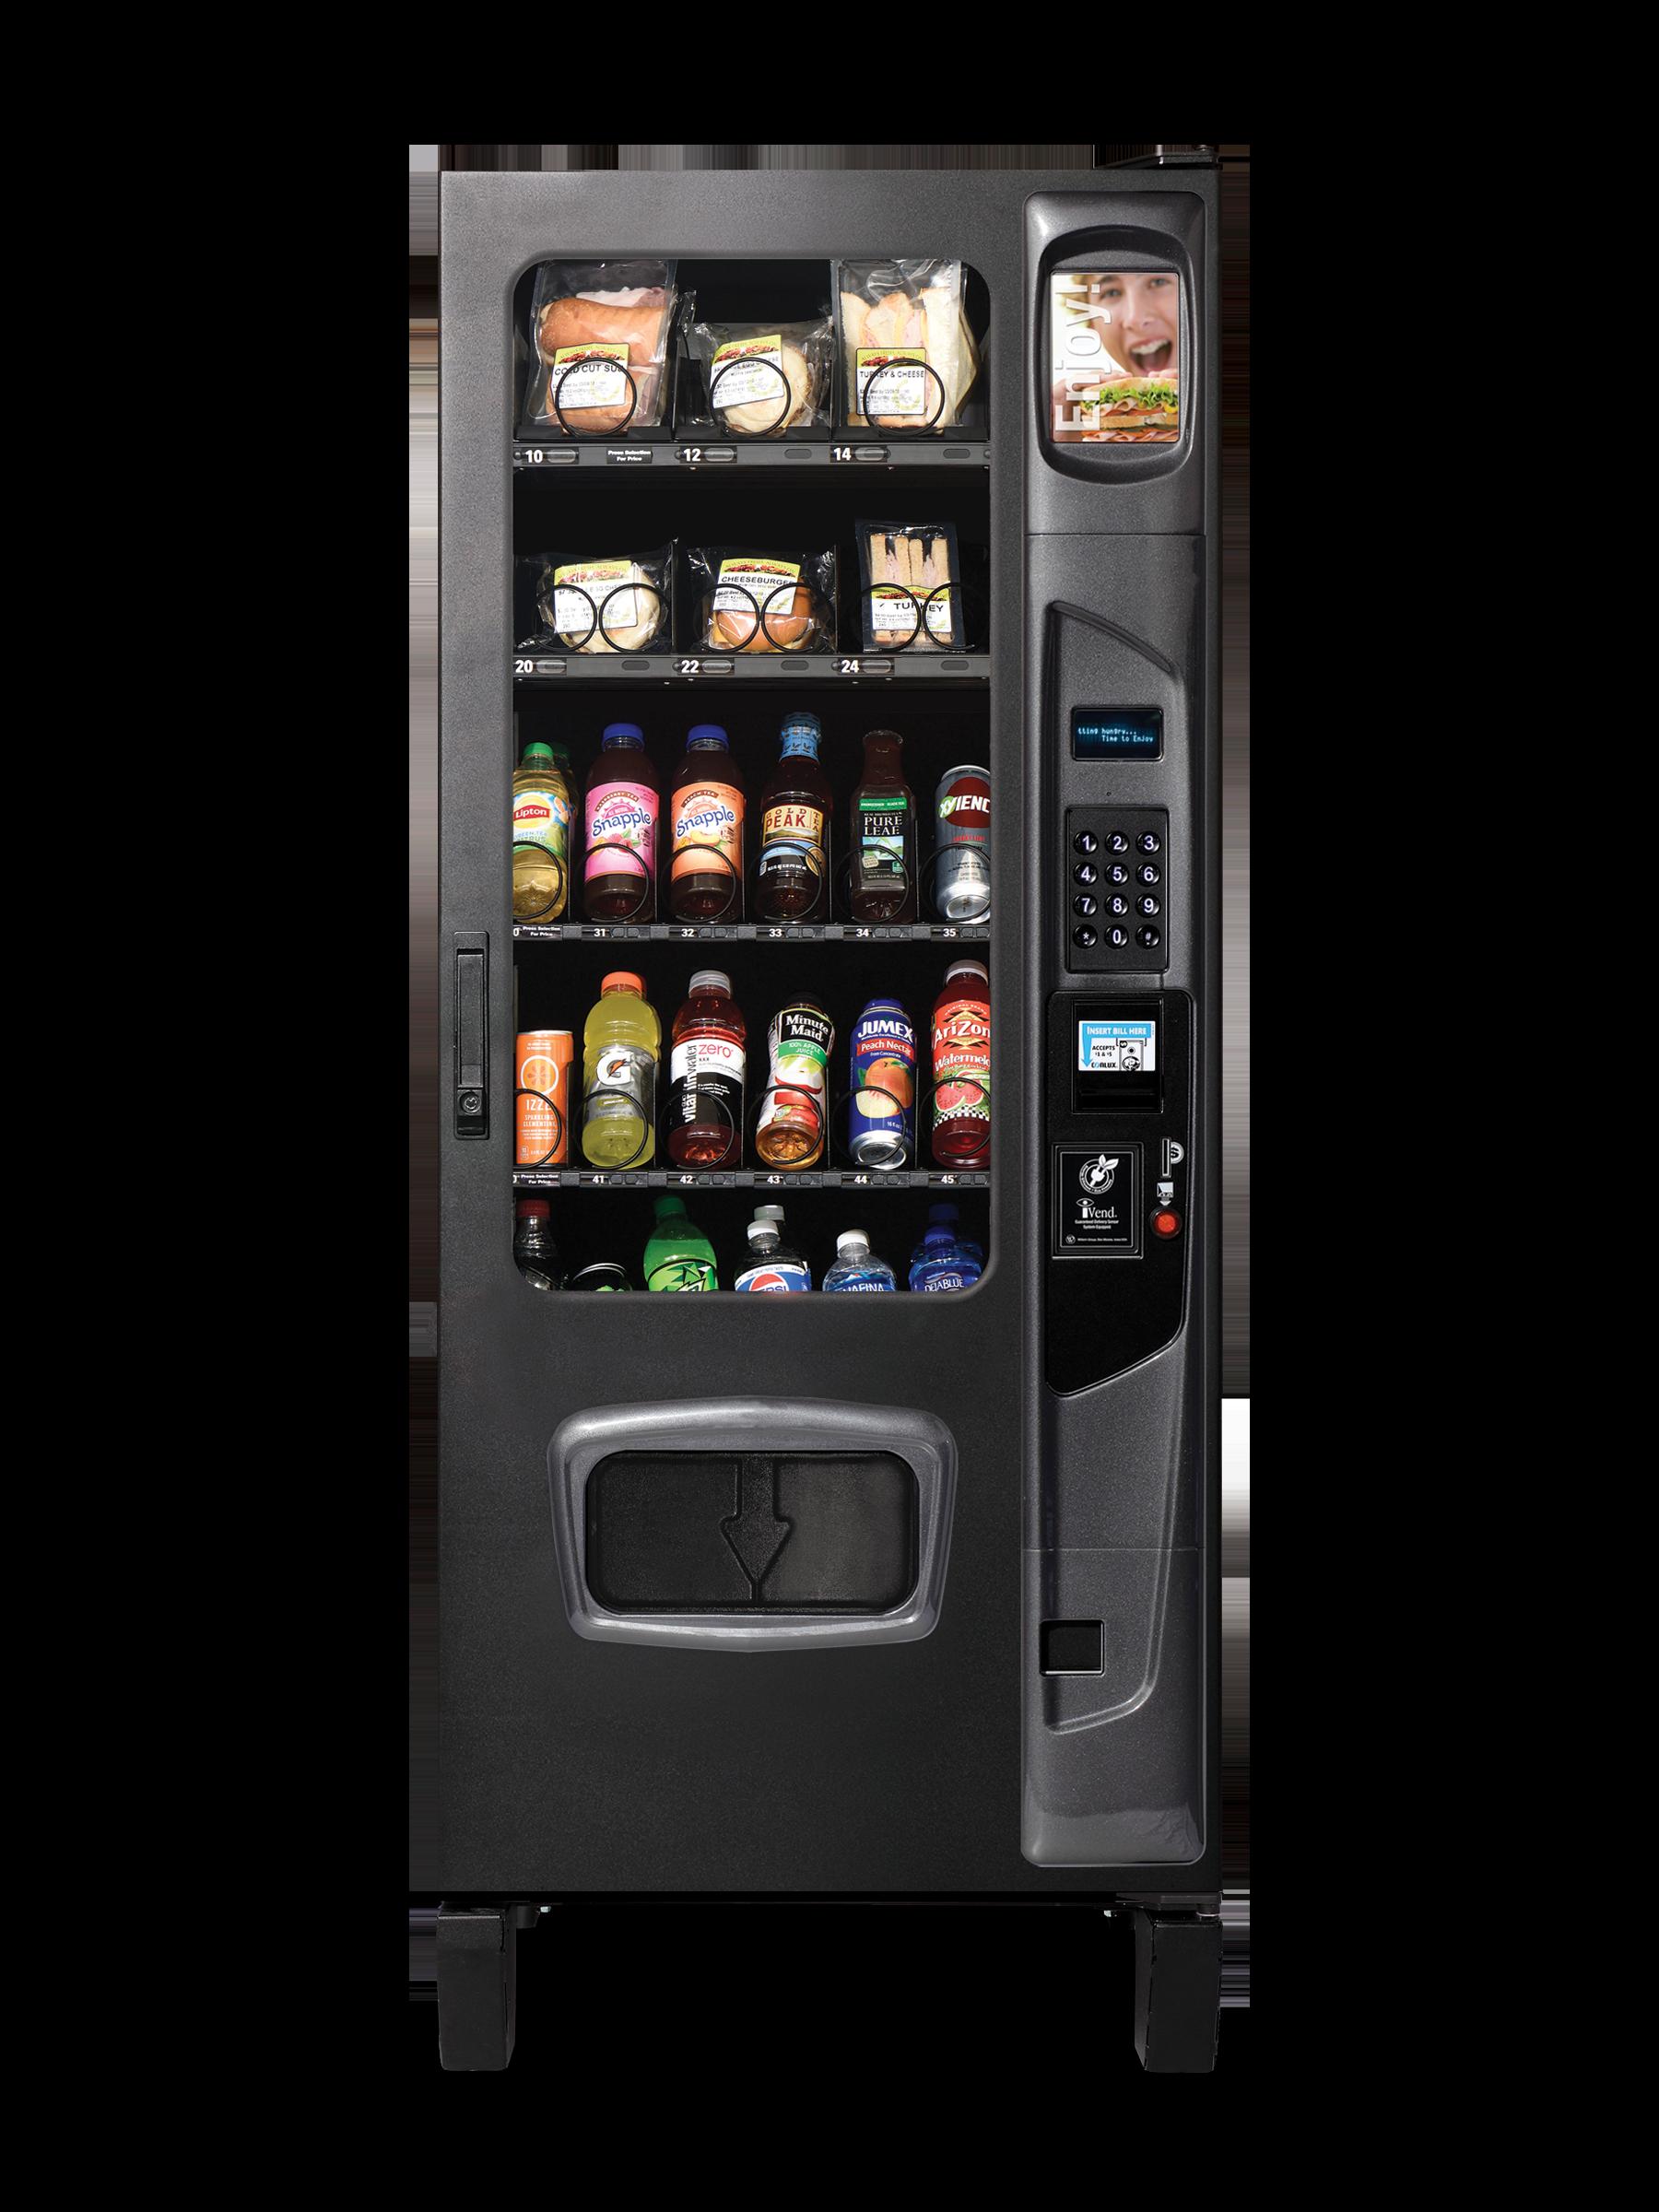 Alpine ST3000 Vending Machine - Vendors Source Michigan & Toledo Ohio